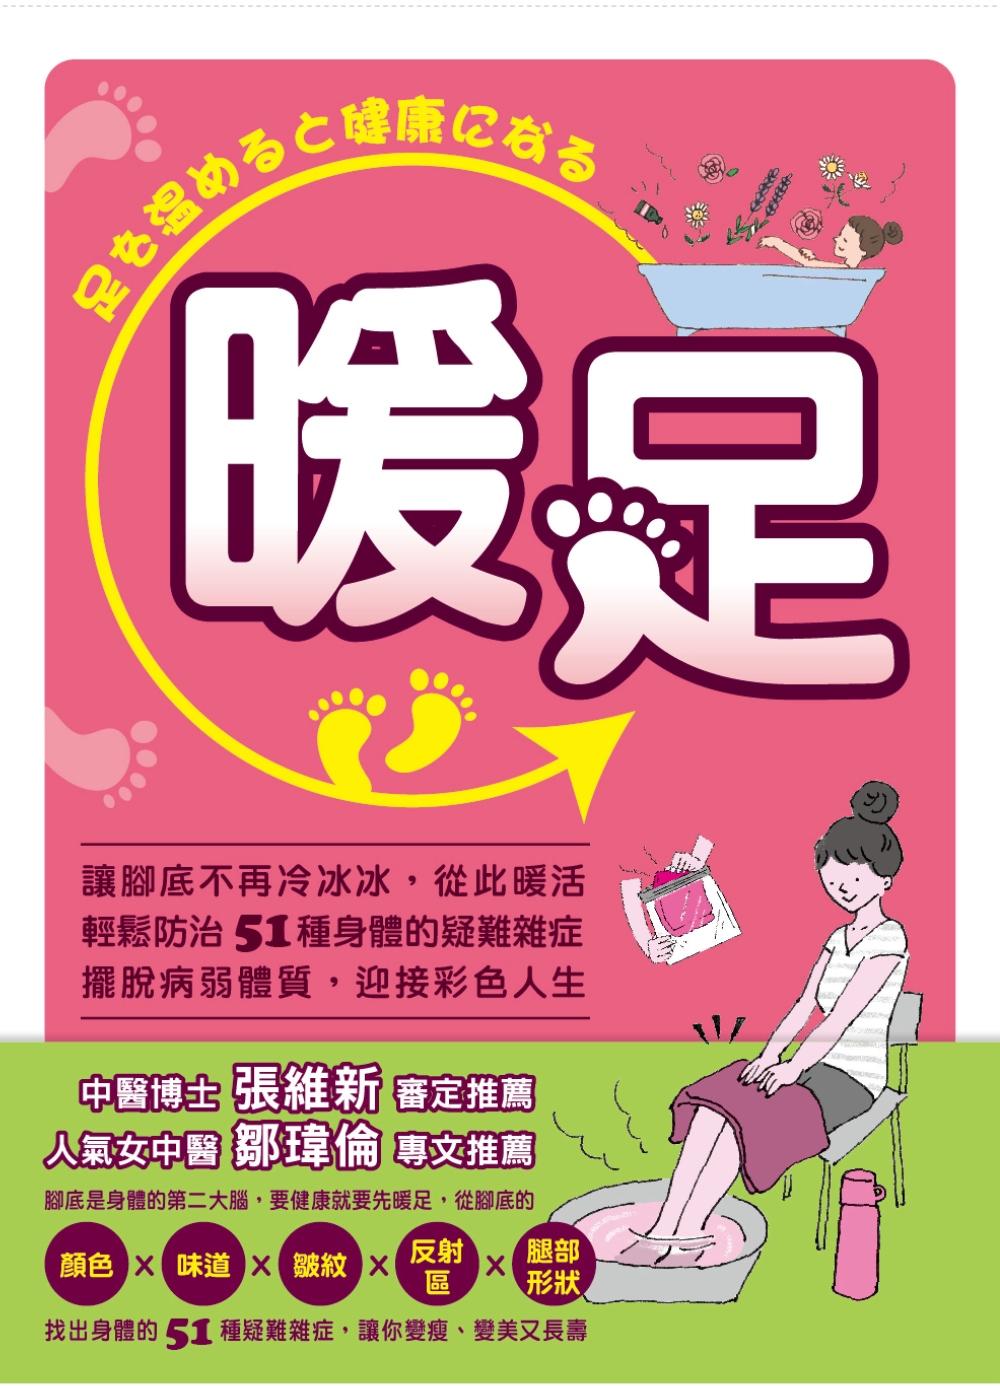 《暖足:讓腳底不再冷冰冰,從此暖活。輕鬆防治51種身體的疑難雜症,擺脫病弱體質,迎接彩色人生》 商品條碼,ISBN:9789869537957